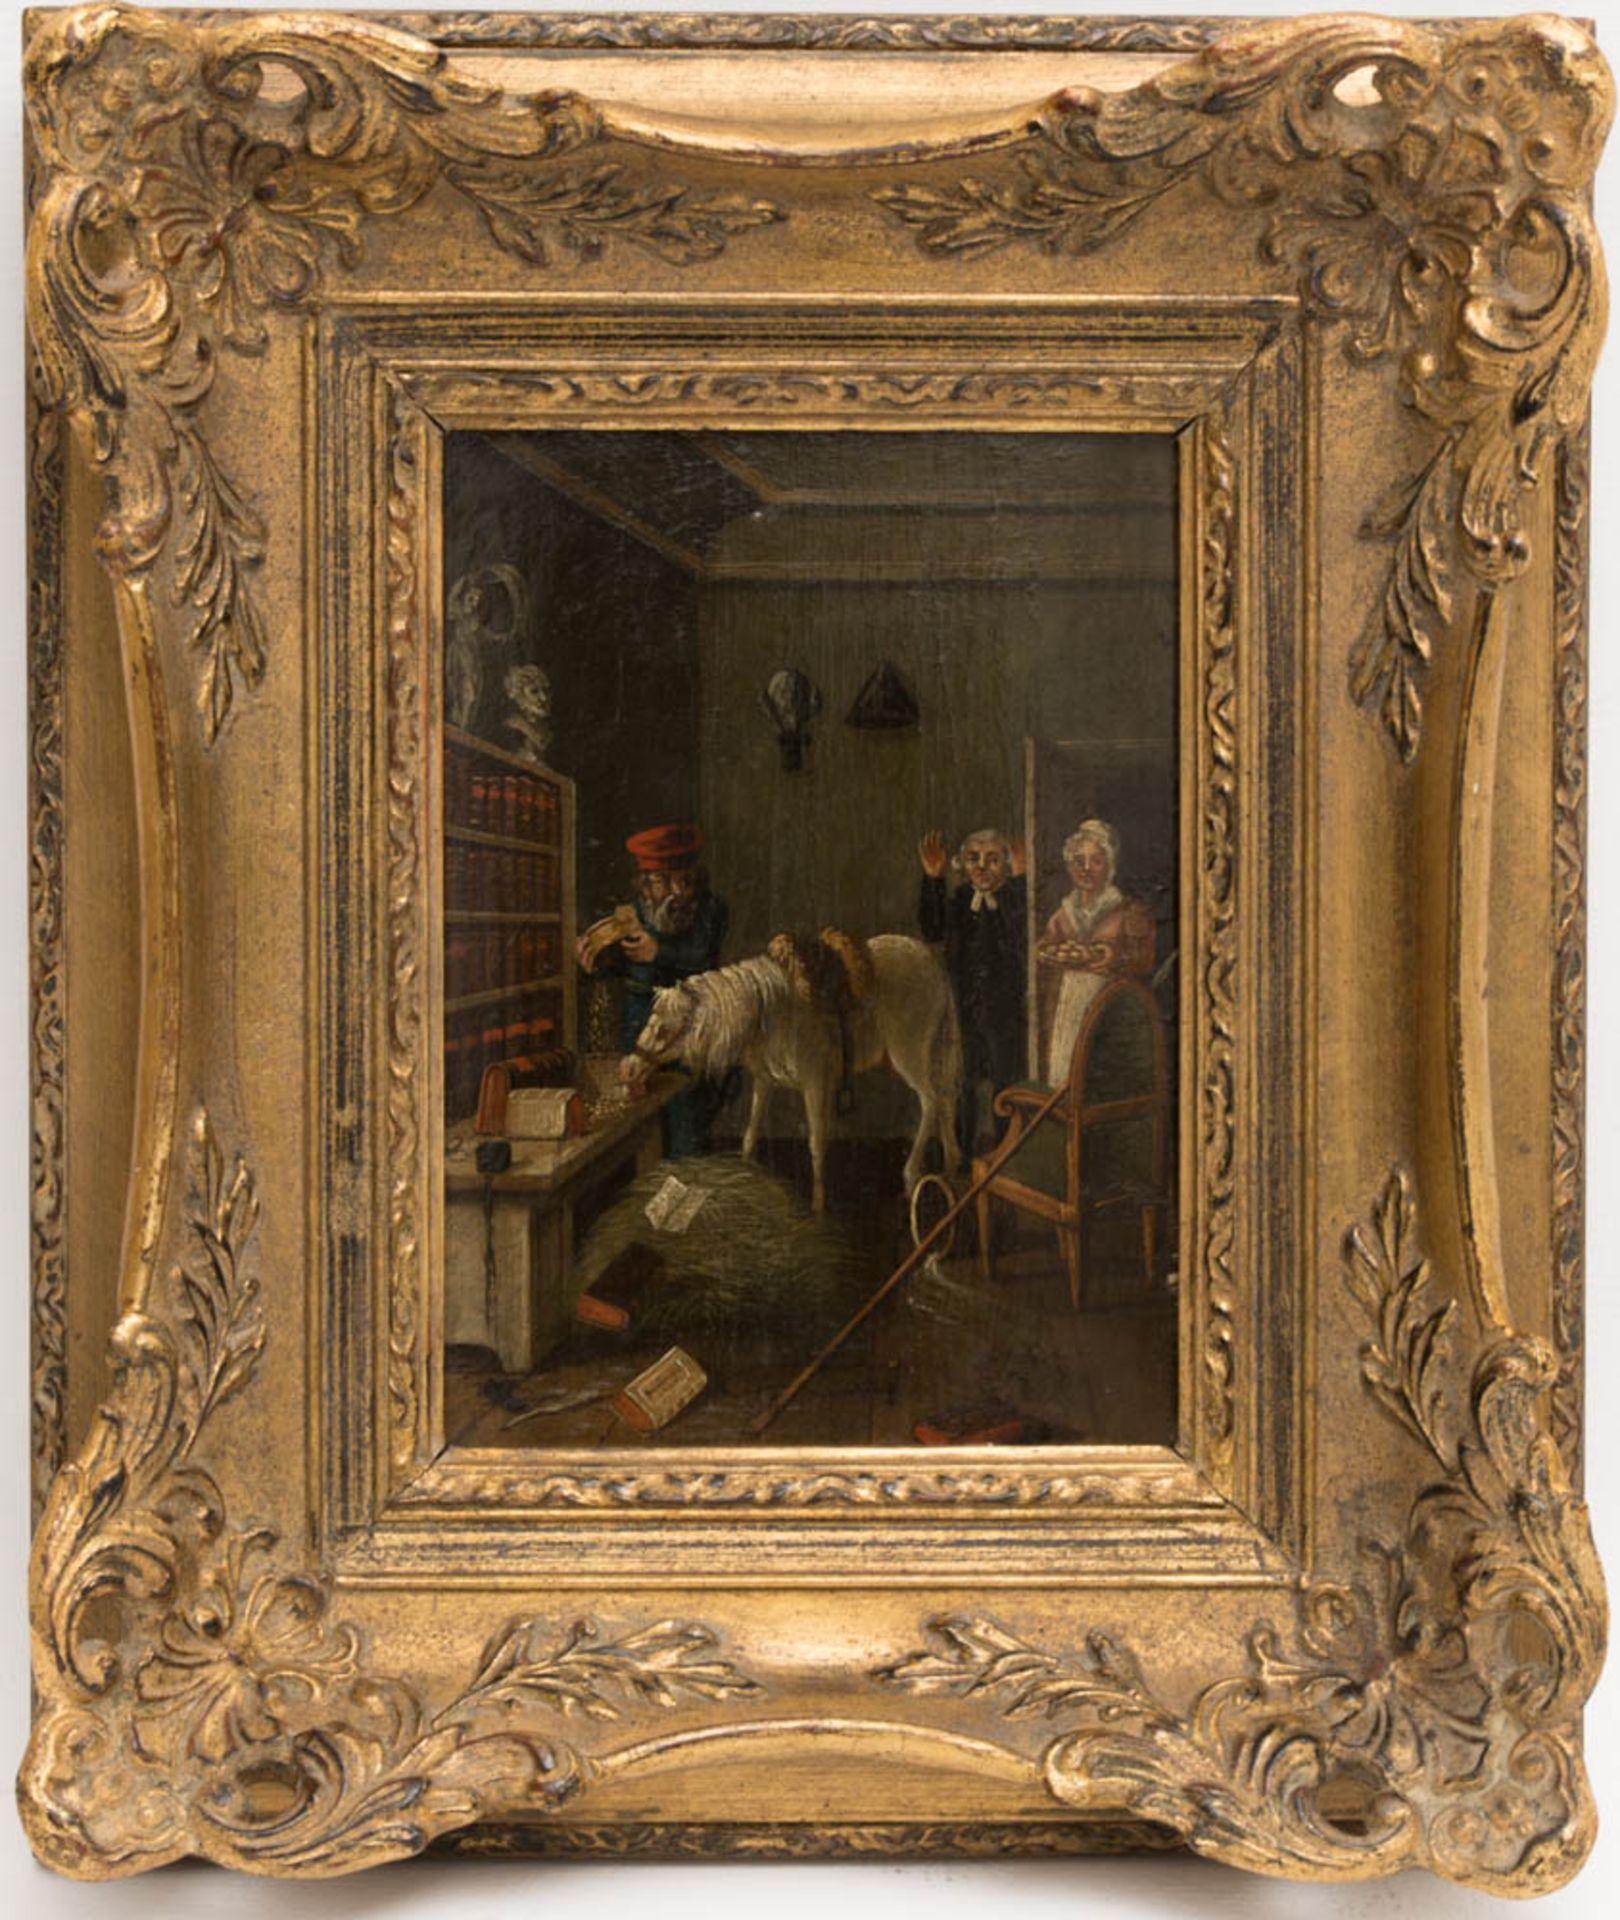 Johann Phillipp Ulbricht, Paar humorvolle Szenen, Öl auf Holz, Mitte 18. Jh. - Bild 10 aus 12